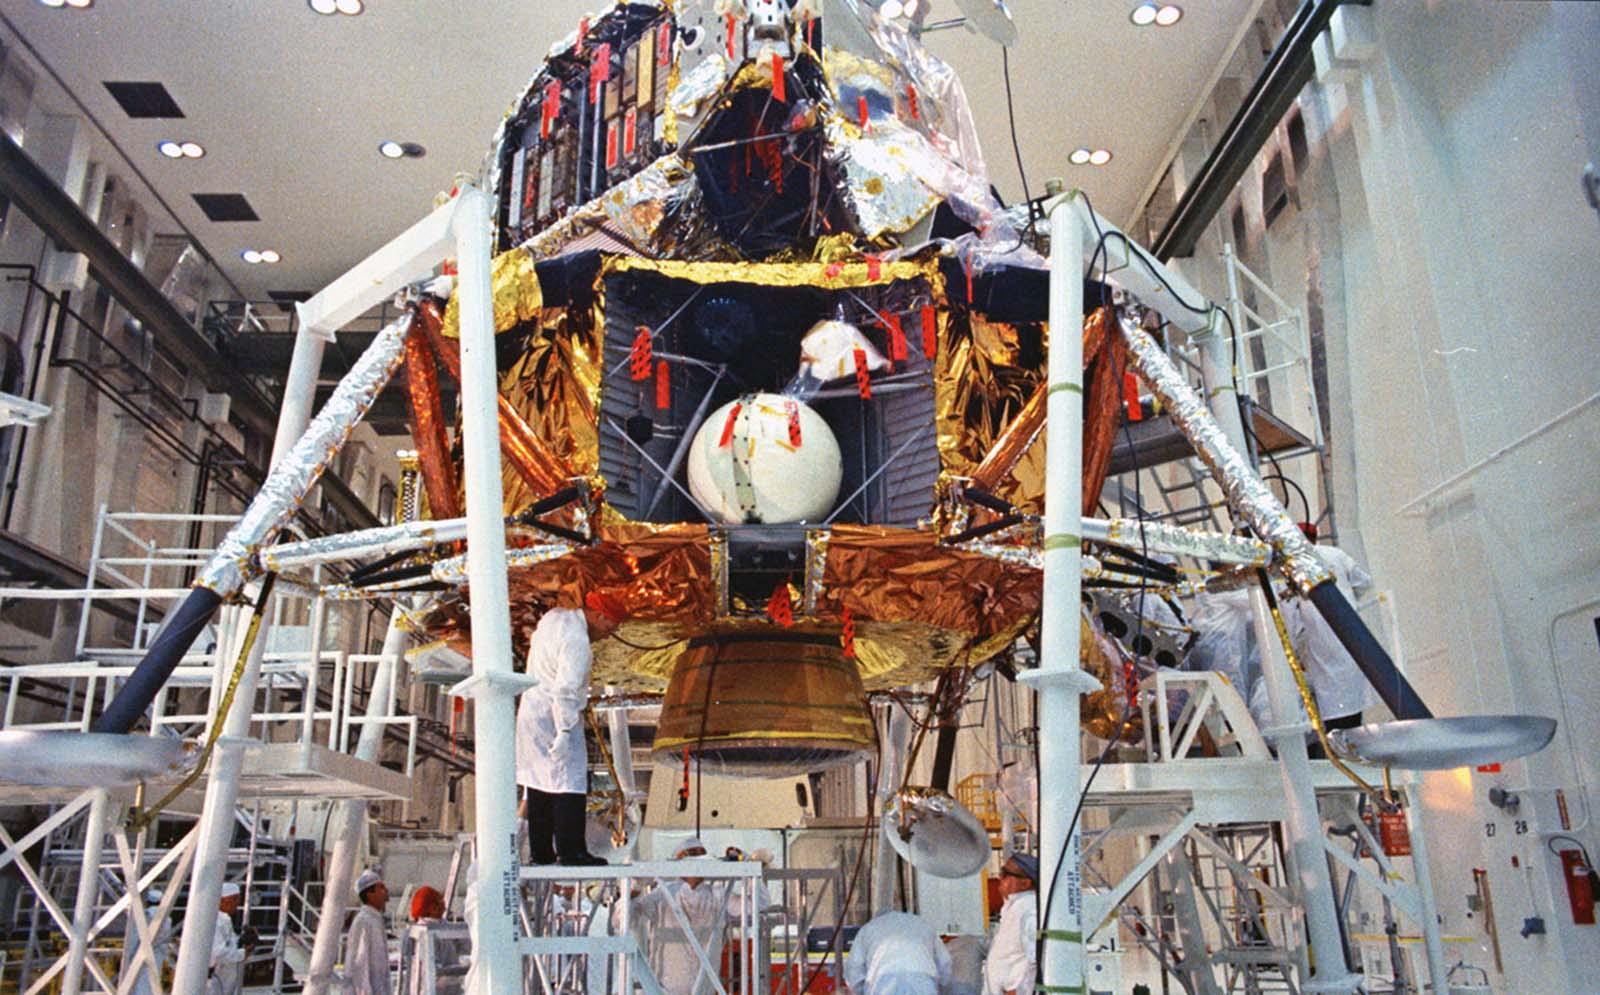 проверка лунного модуля «Аполлон-11»